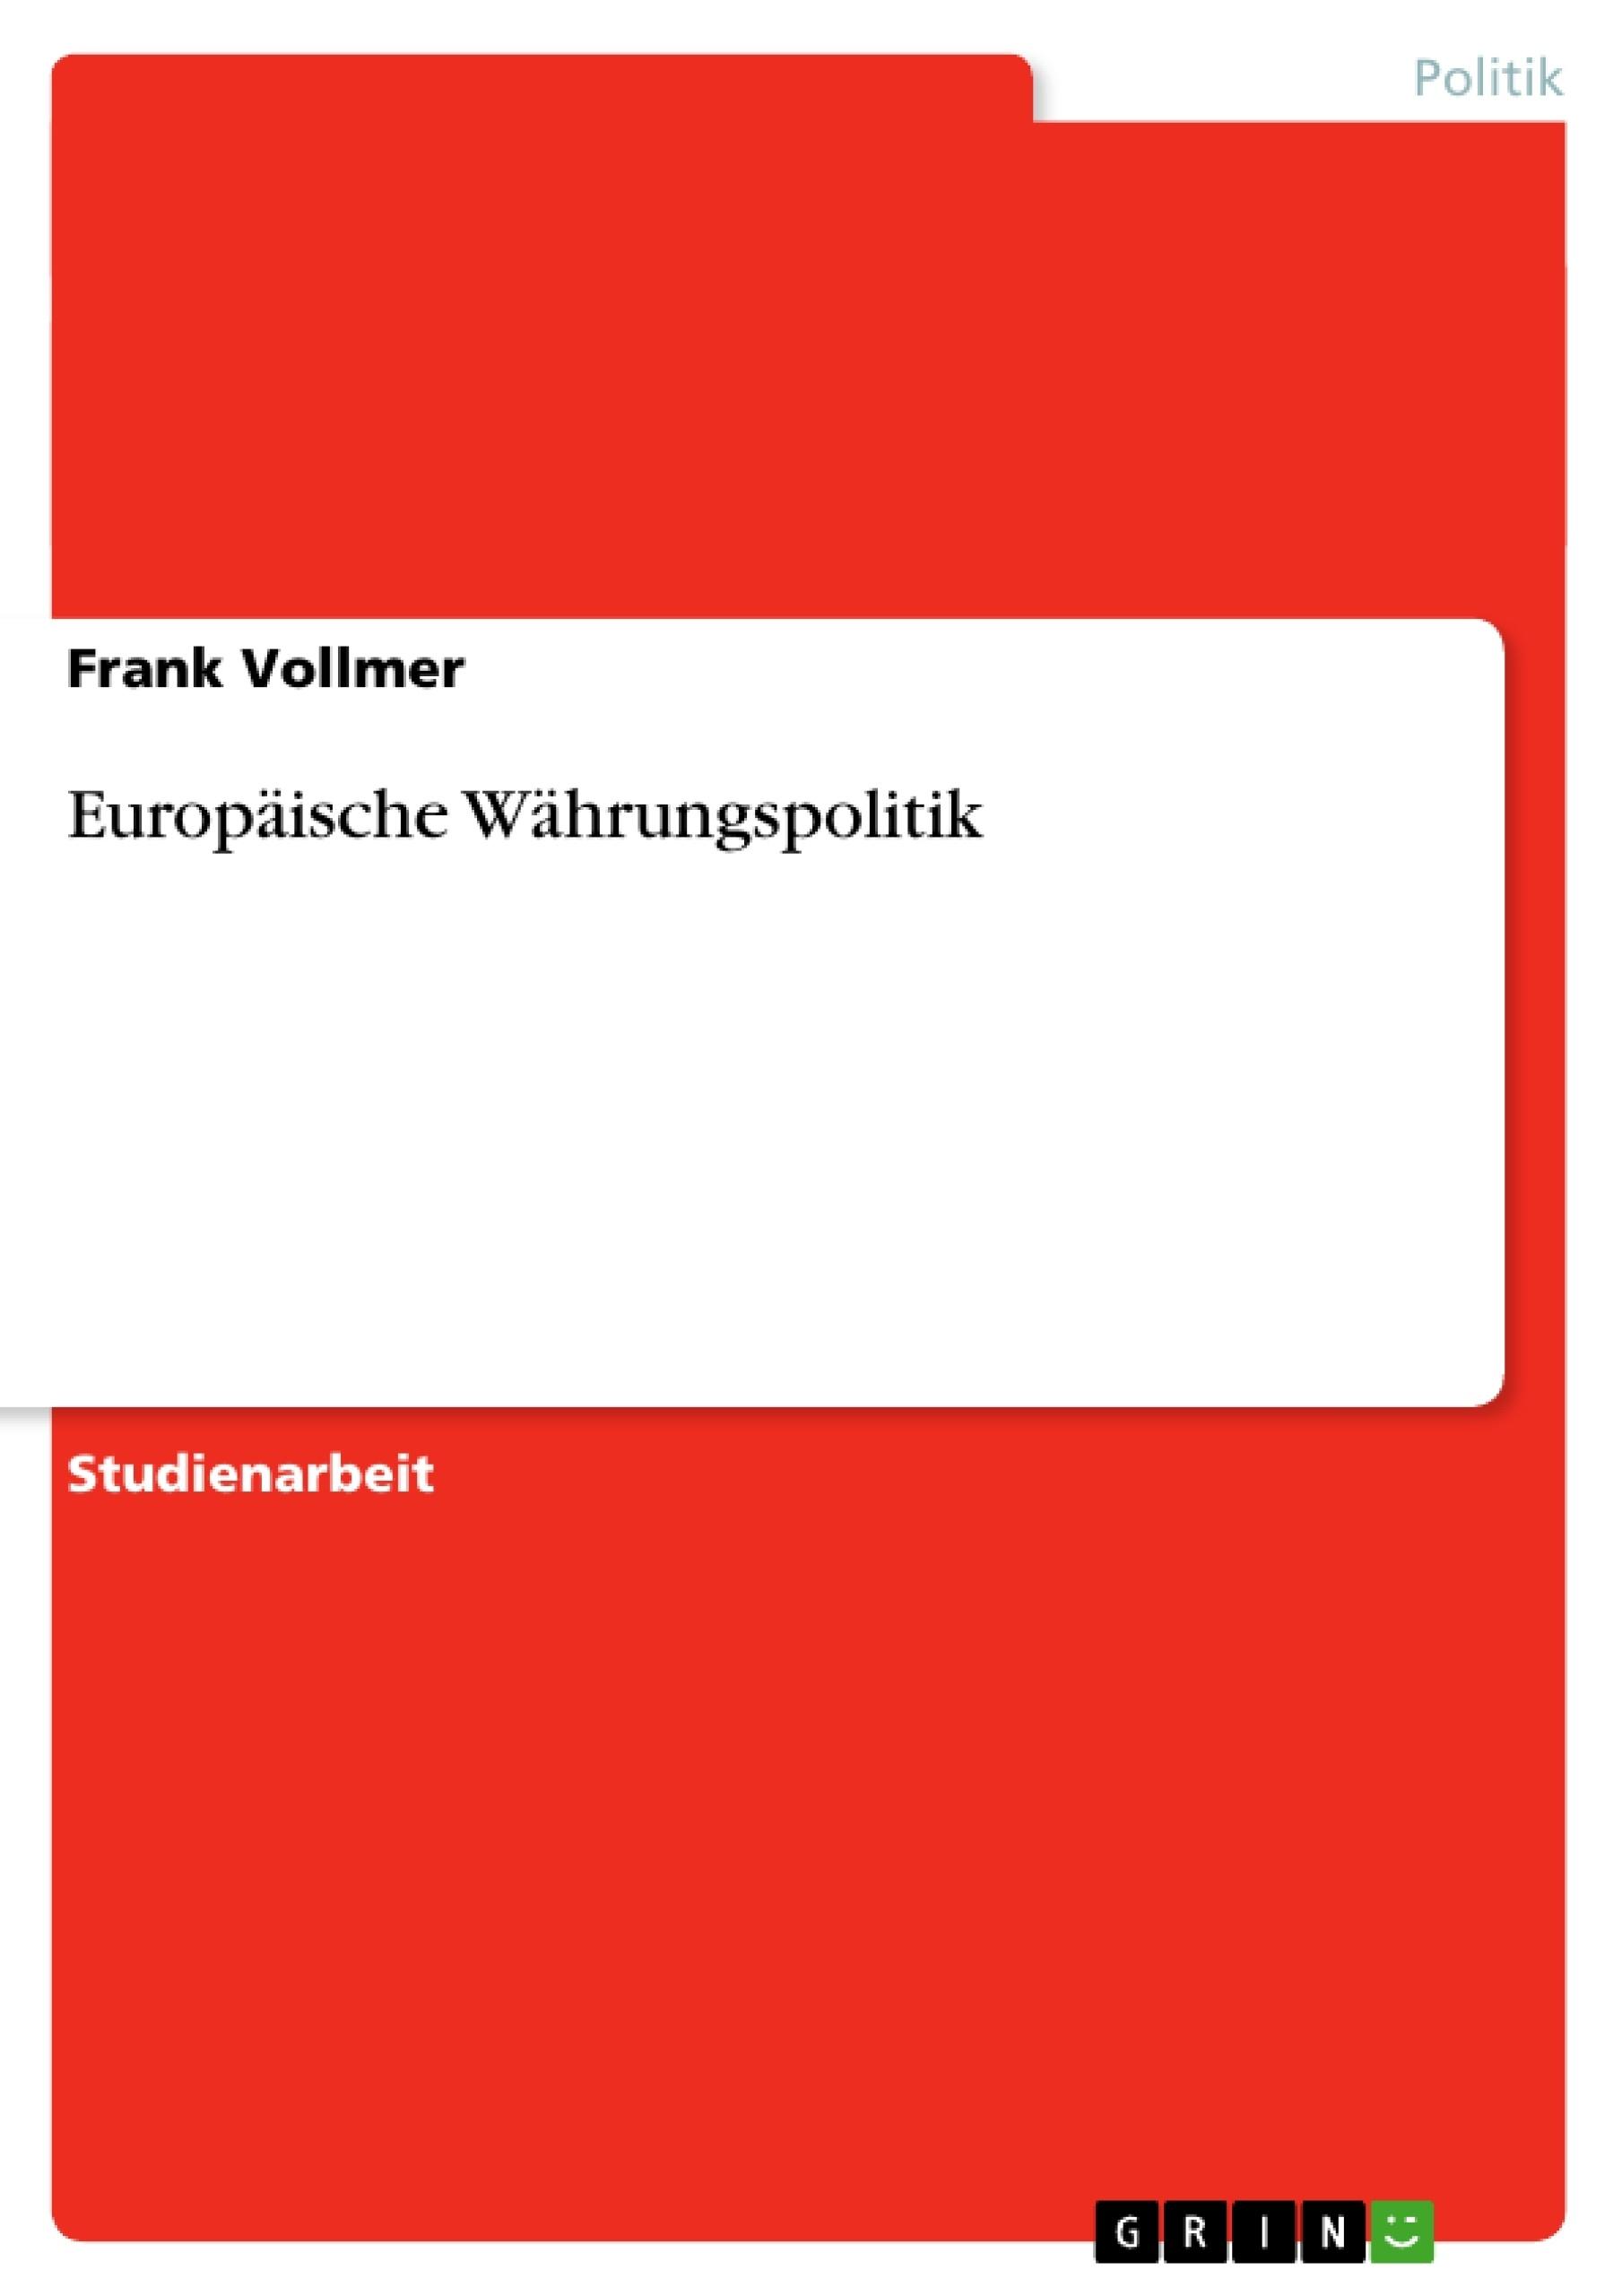 Titel: Europäische Währungspolitik